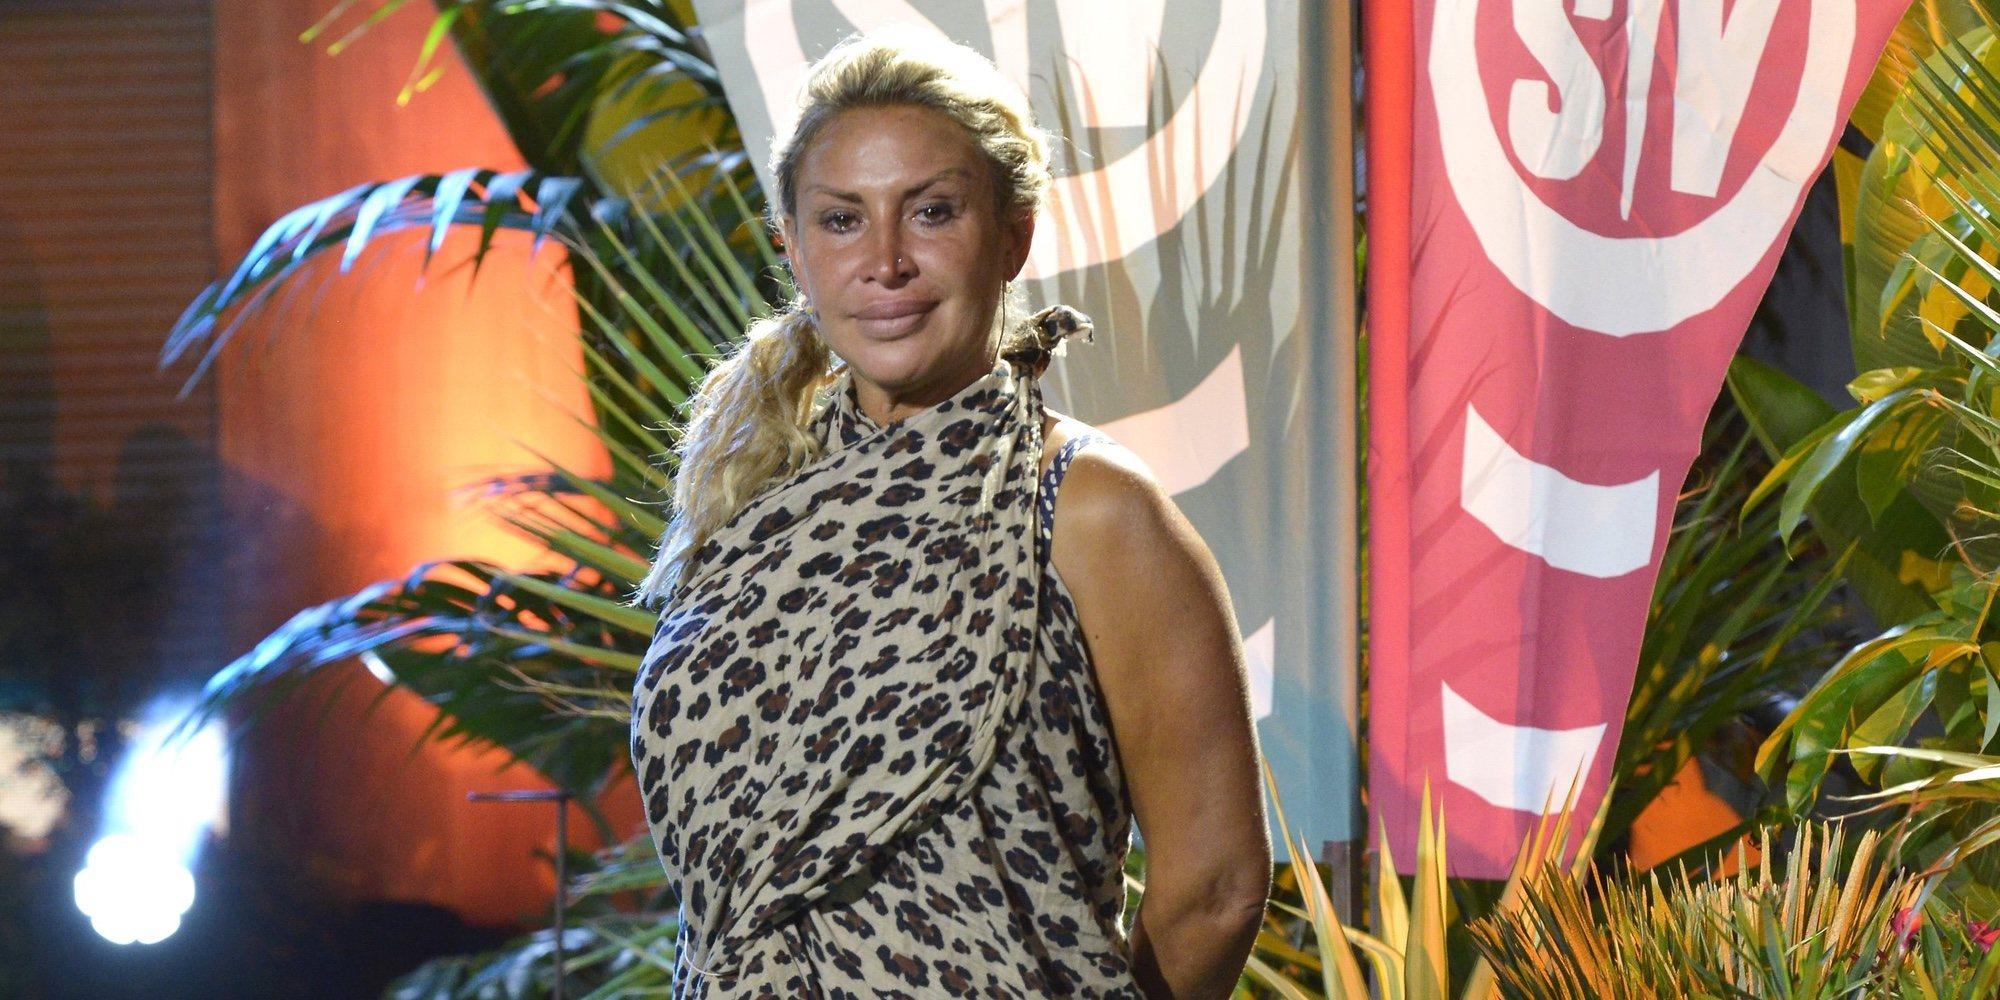 Raquel Mosquera suelta la bomba: Rocío Flores está dispuesta a testificar contra Rocío Carrasco